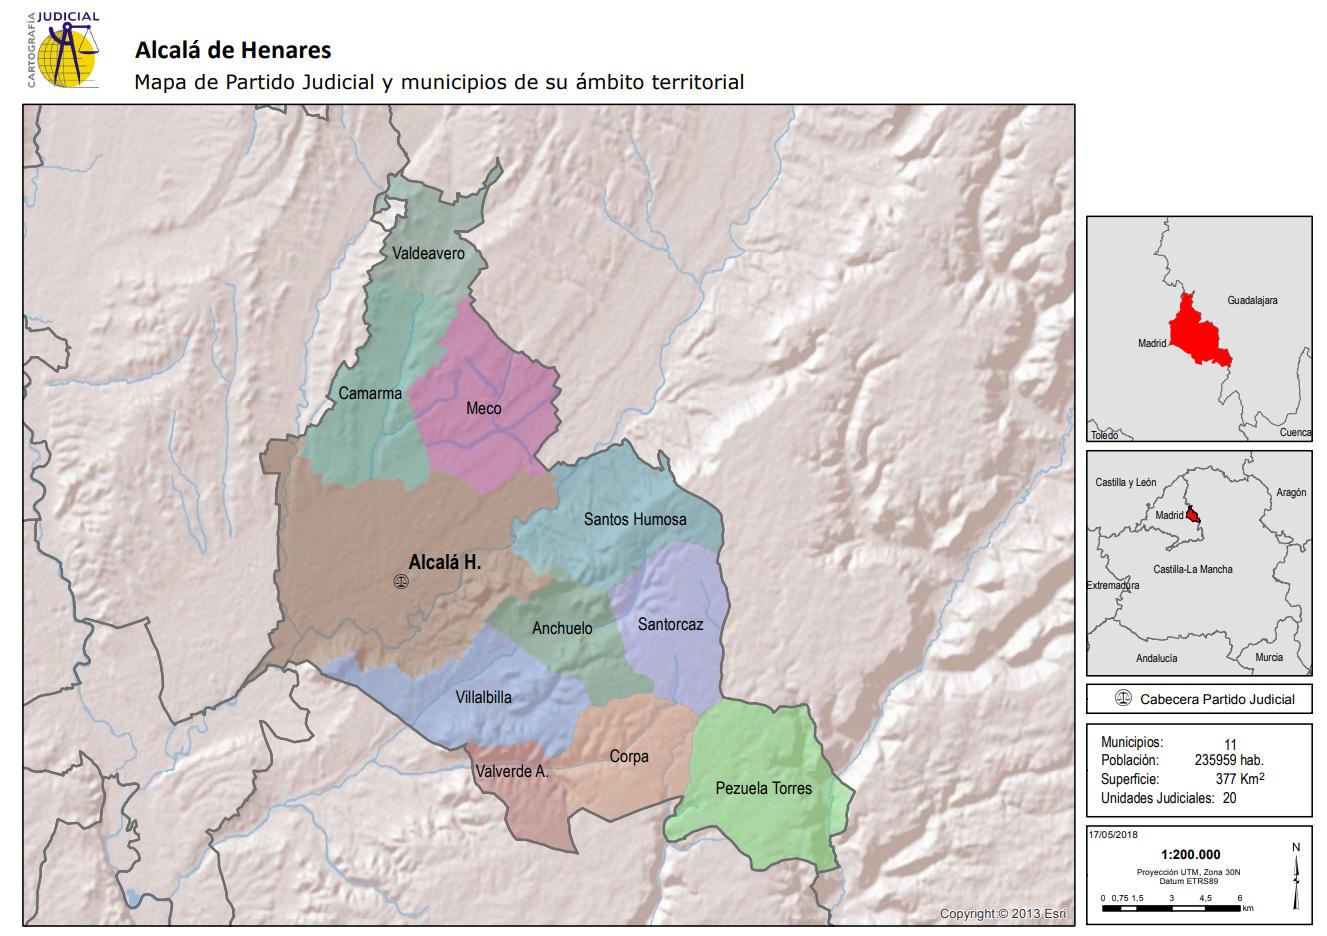 Alcalá de Henares Mapa de Partido Judicial y municipios de su ámbito territorial